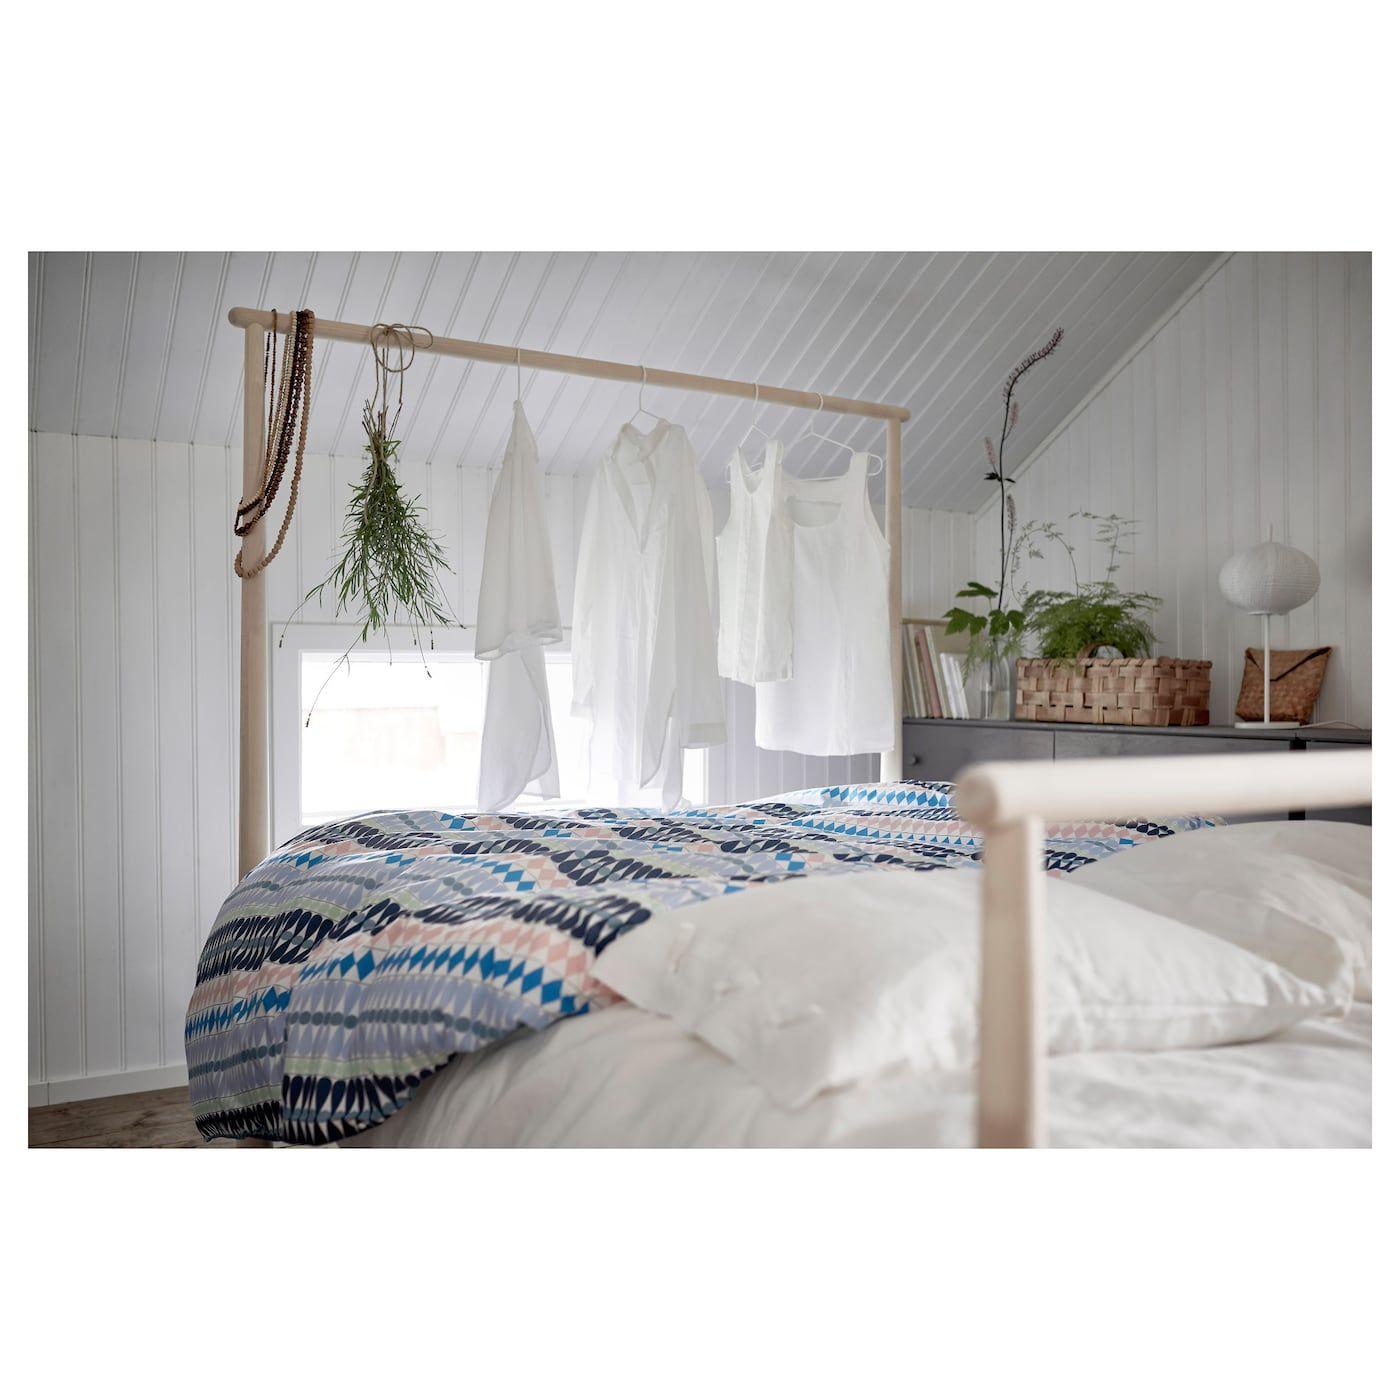 IKEA GJORA Birch, Luröy Bed frame Bed frame, Adjustable